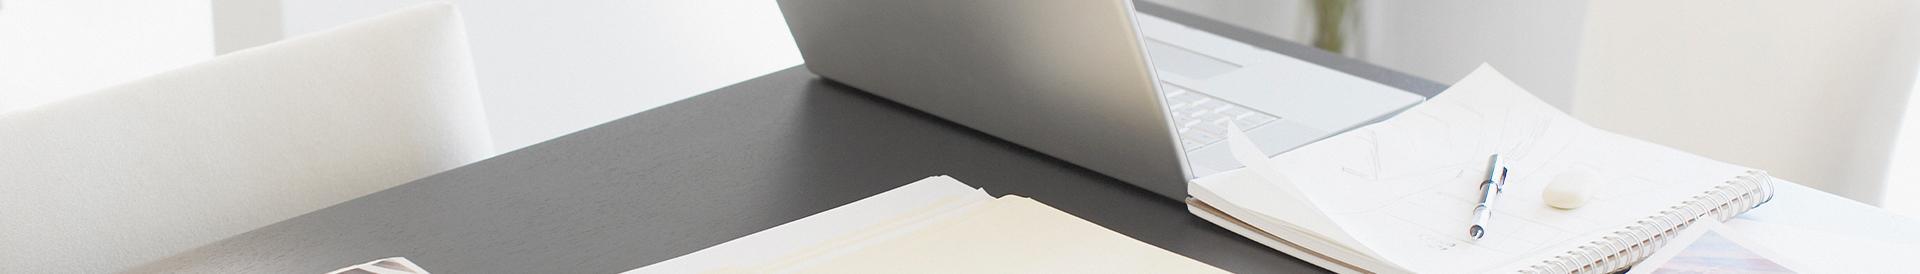 Laptop oraz papiery na szarym biurku